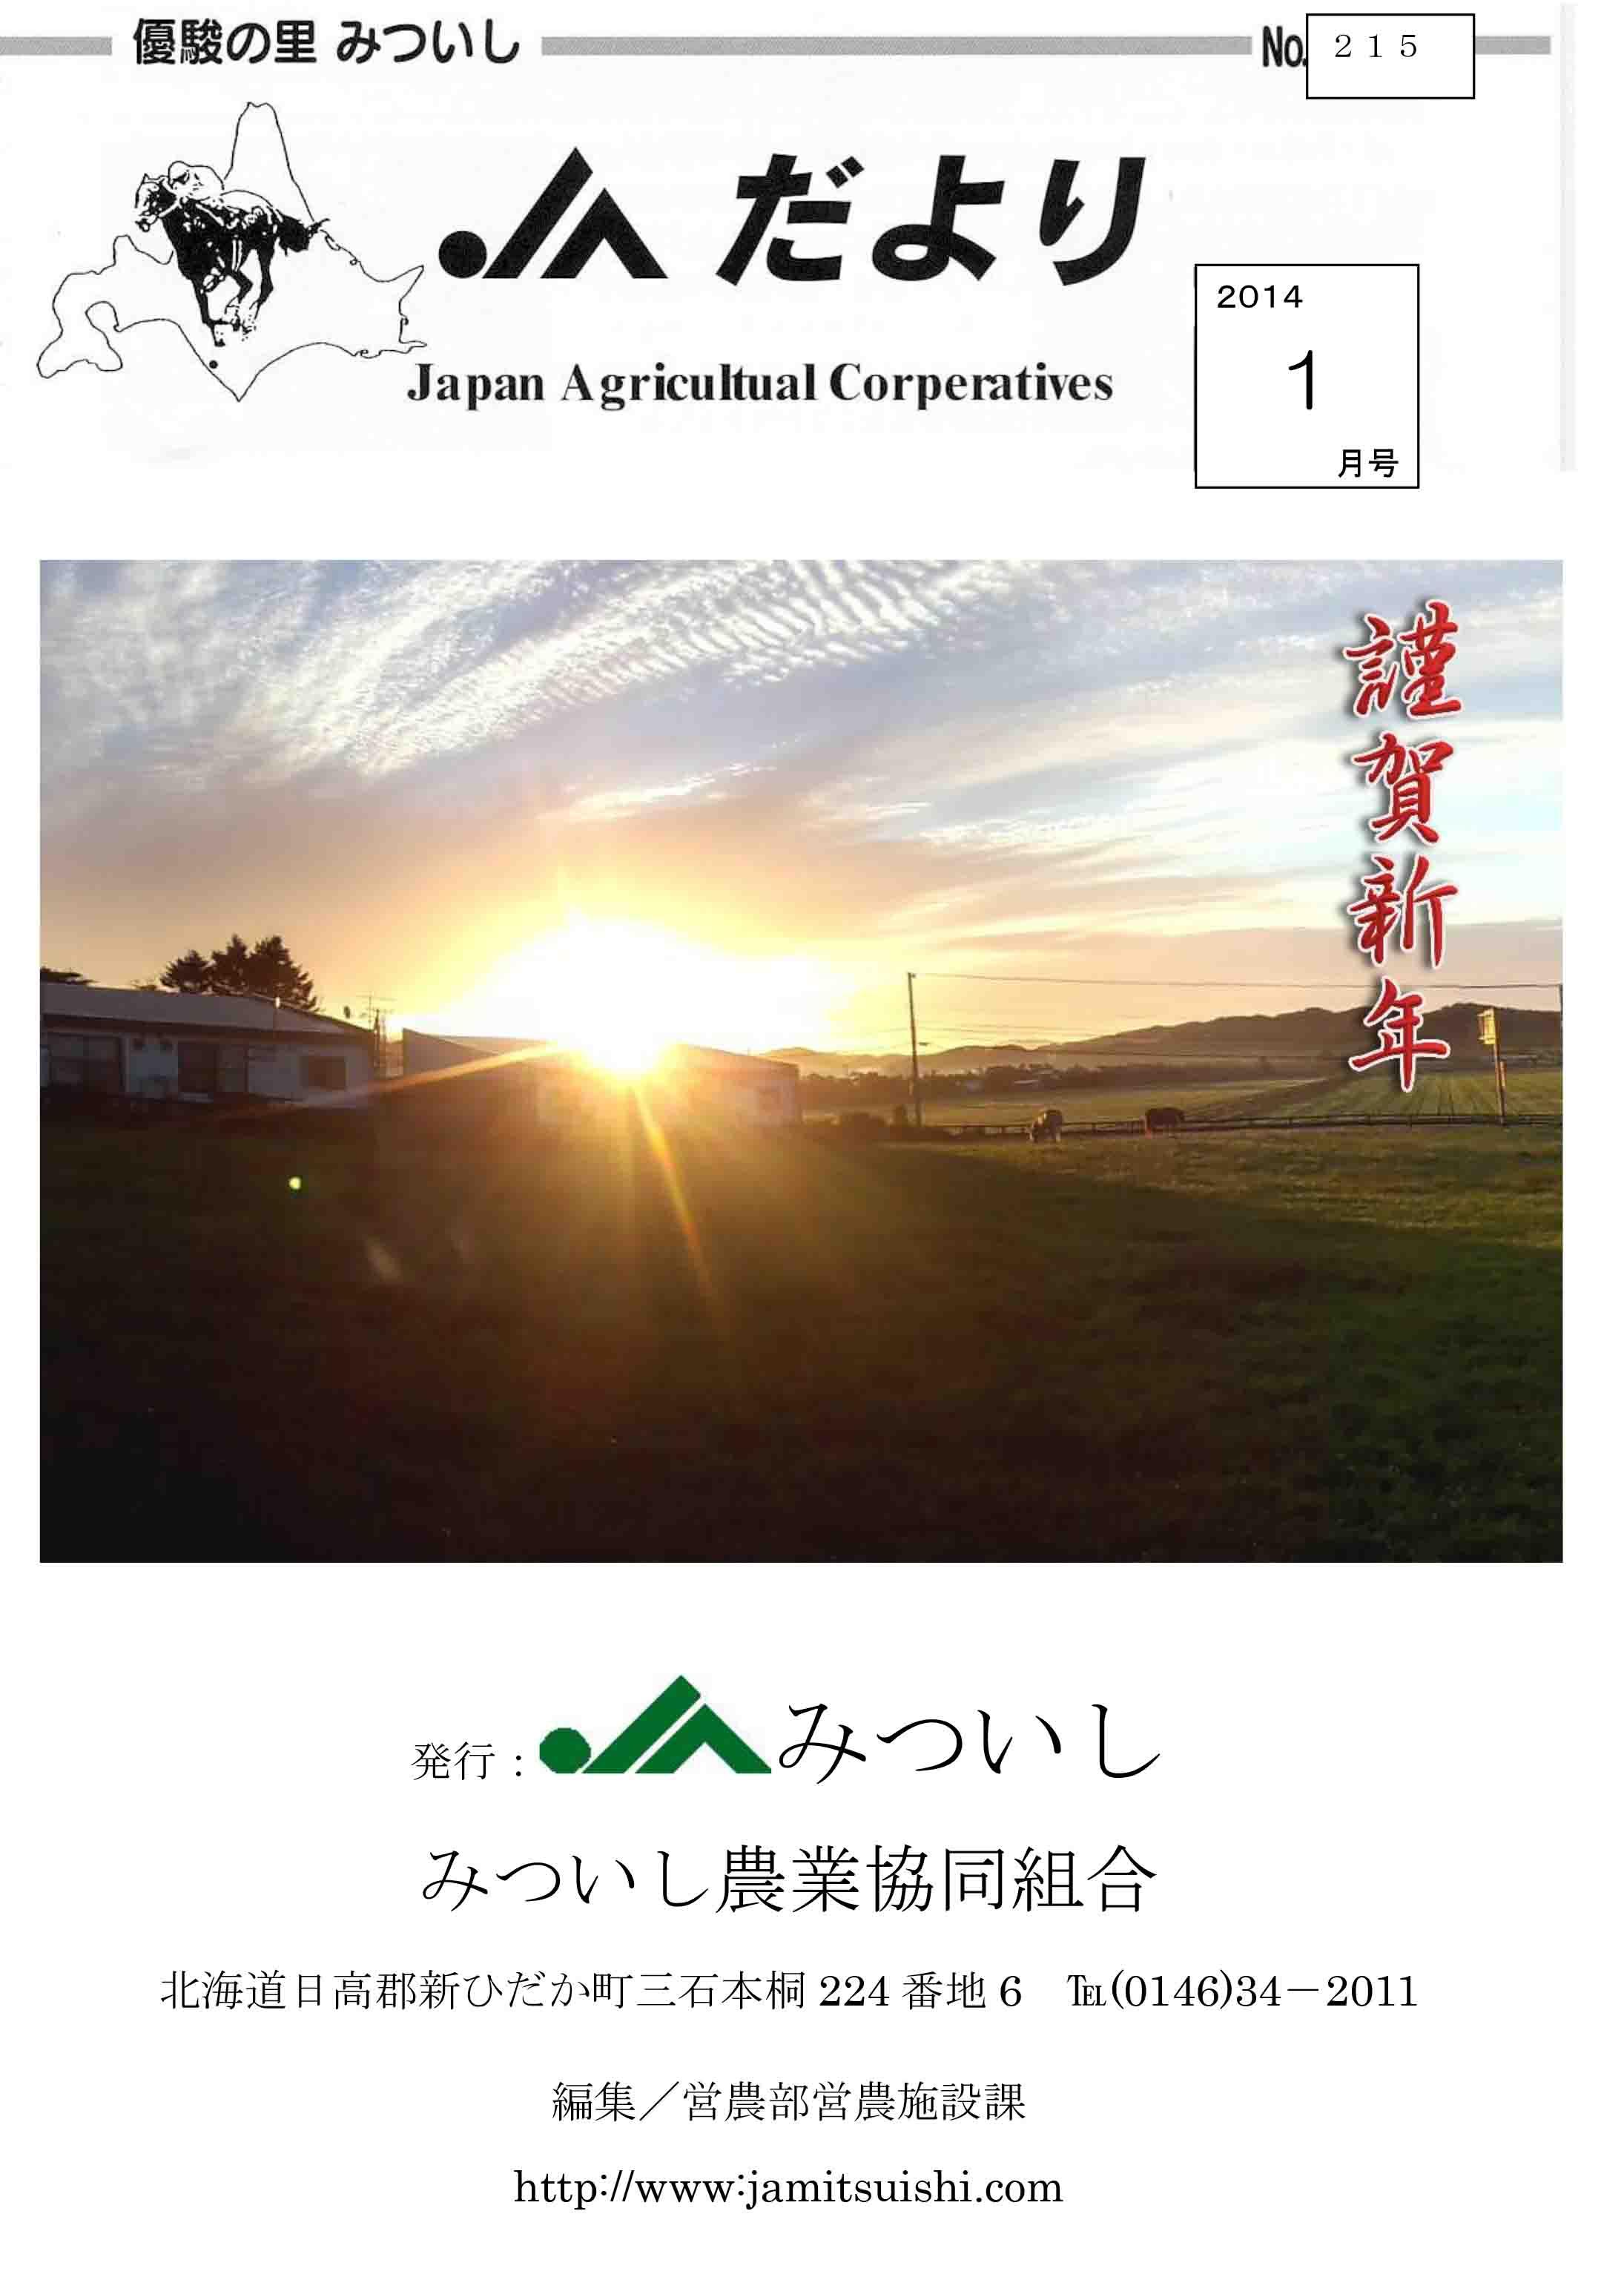 jadayori201401